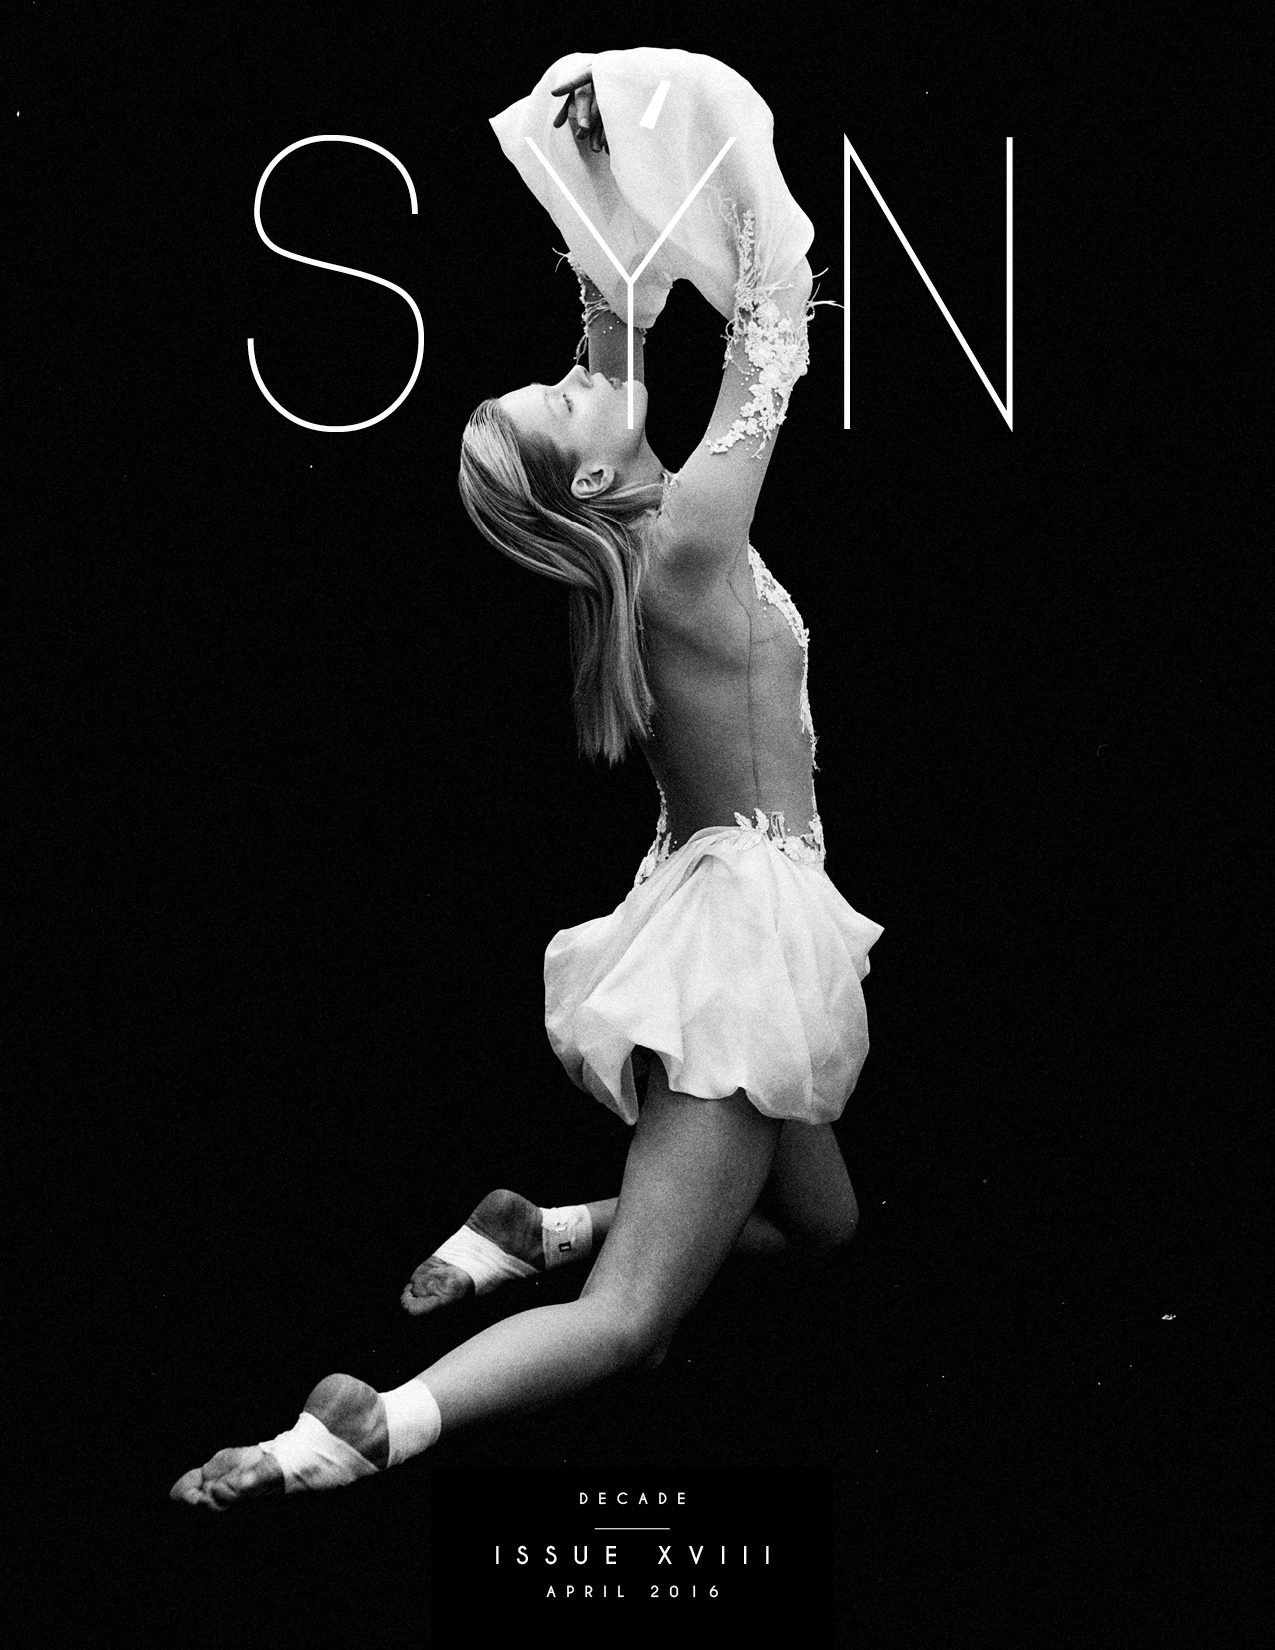 White Swan by Cristian Davila Hernandez